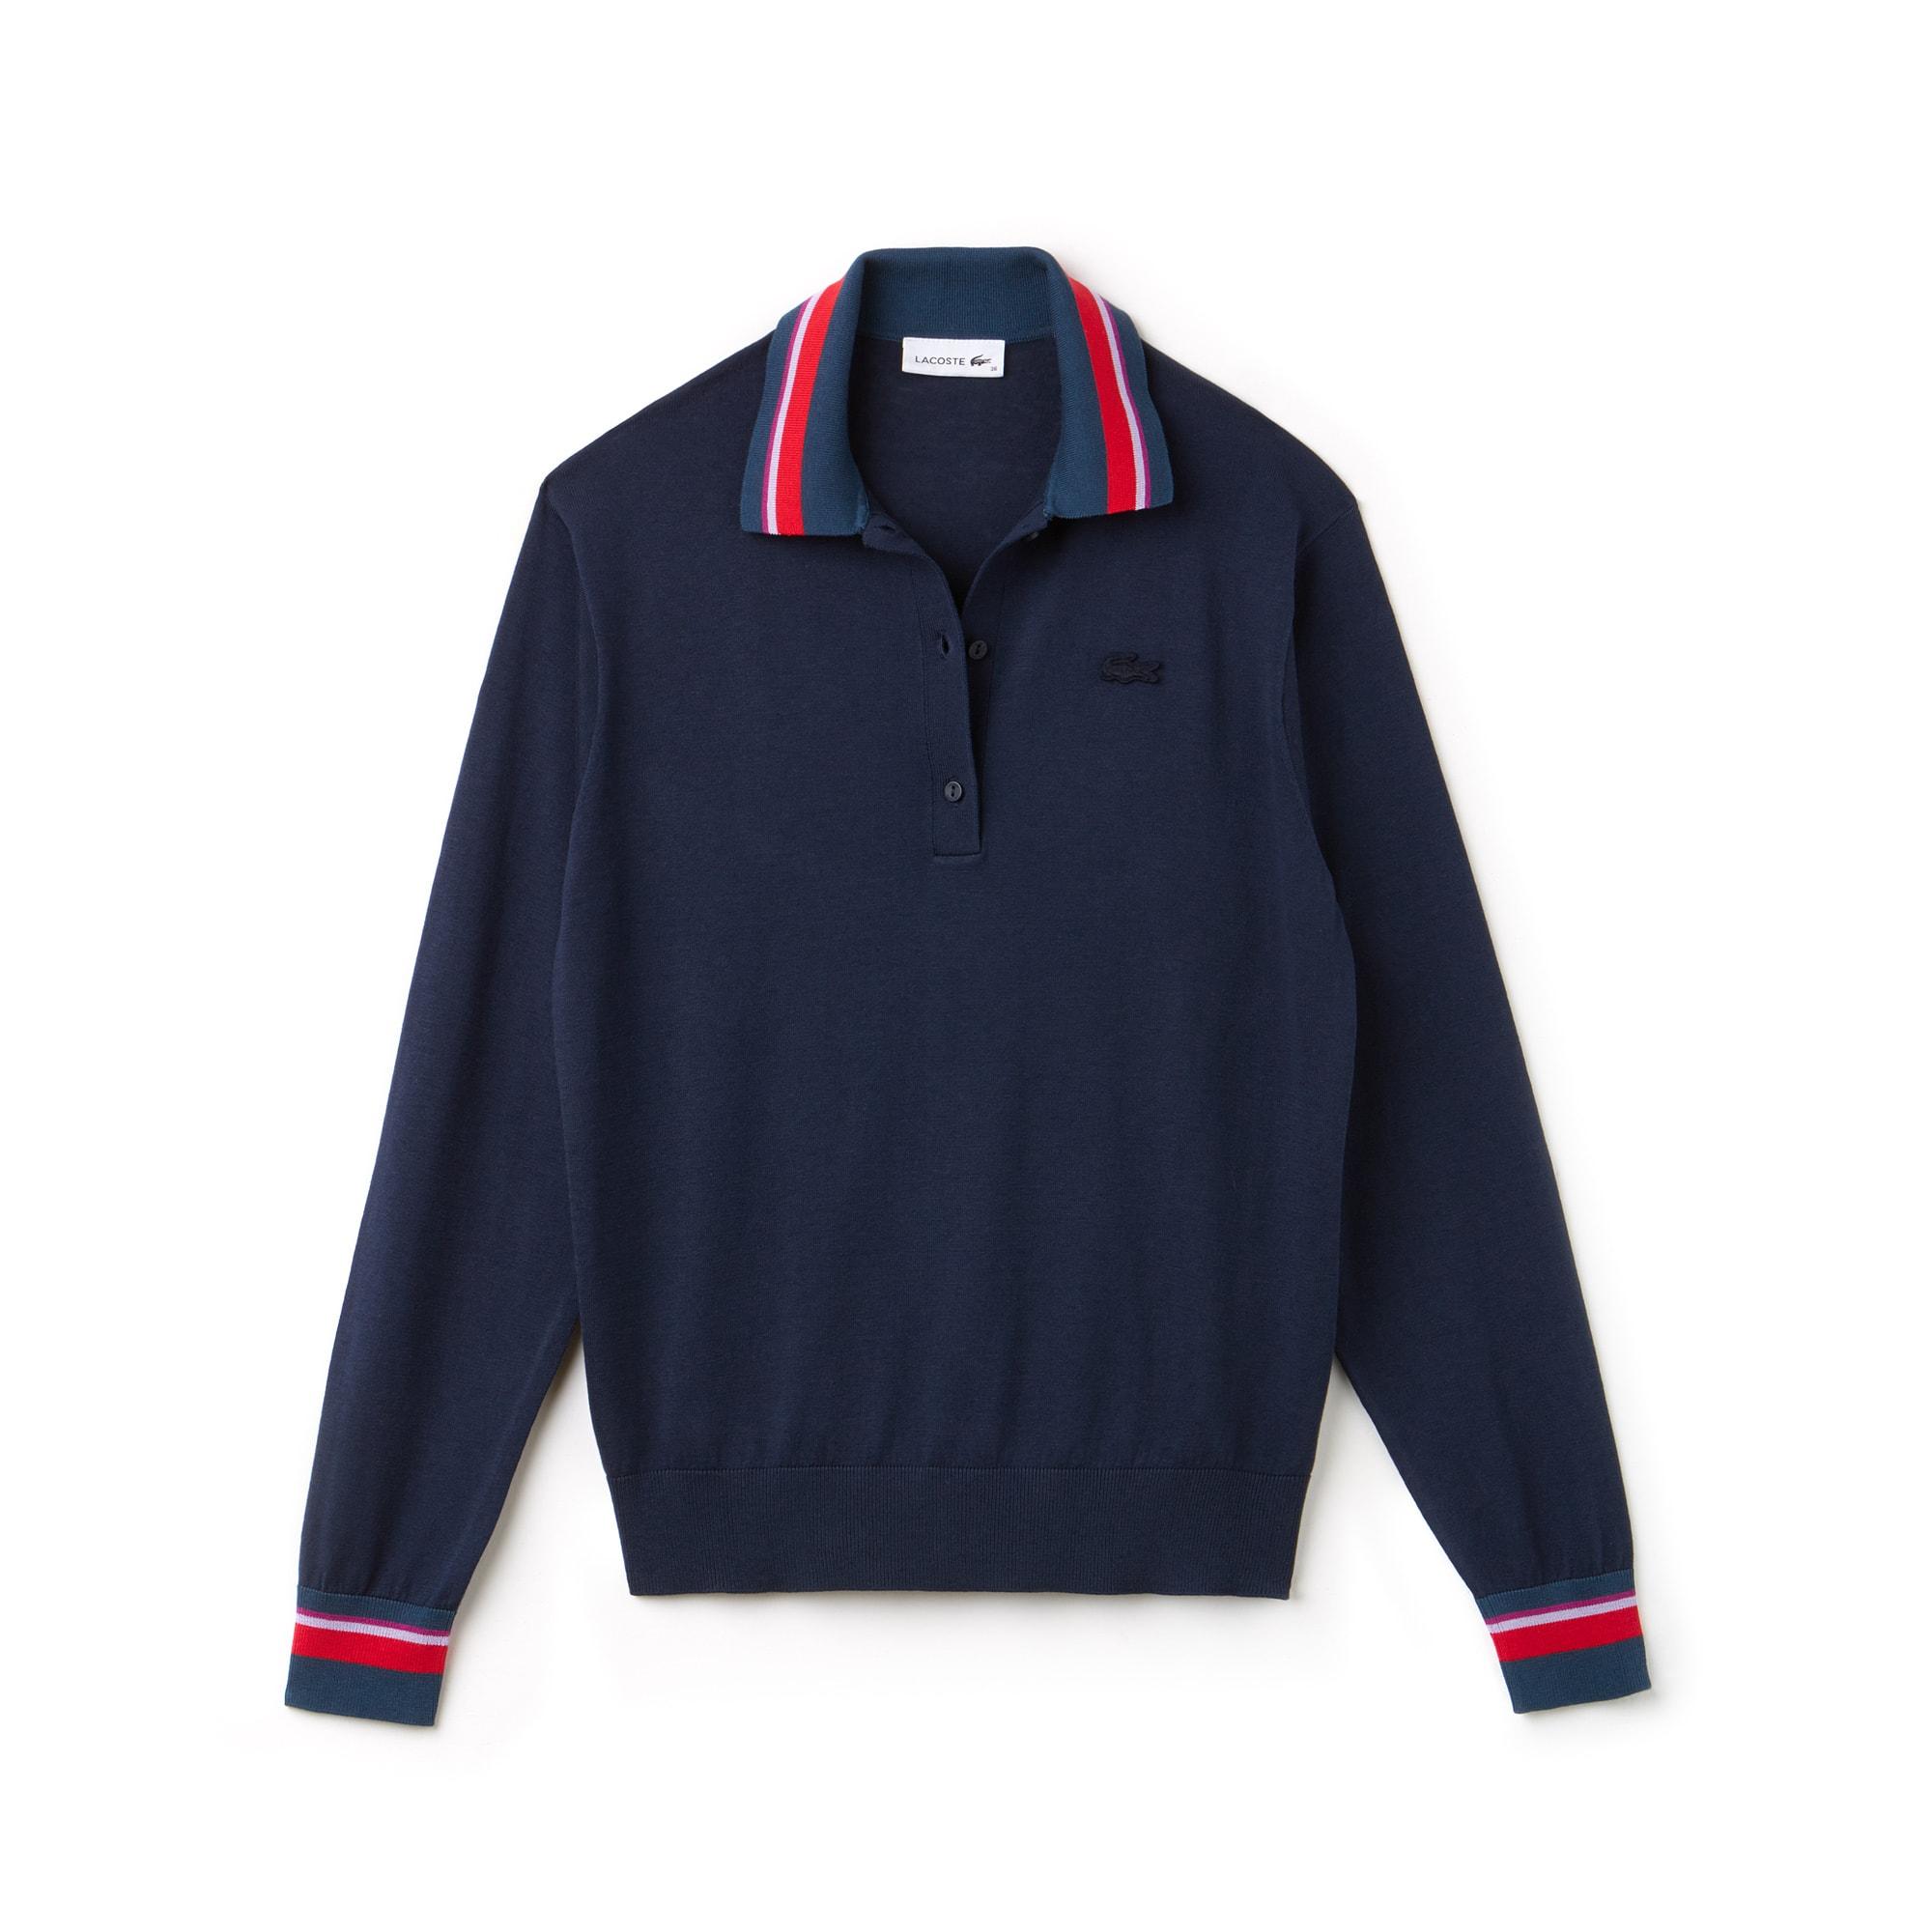 Pullover con collo a polo in jersey di seta e cotone con finiture a contrasto